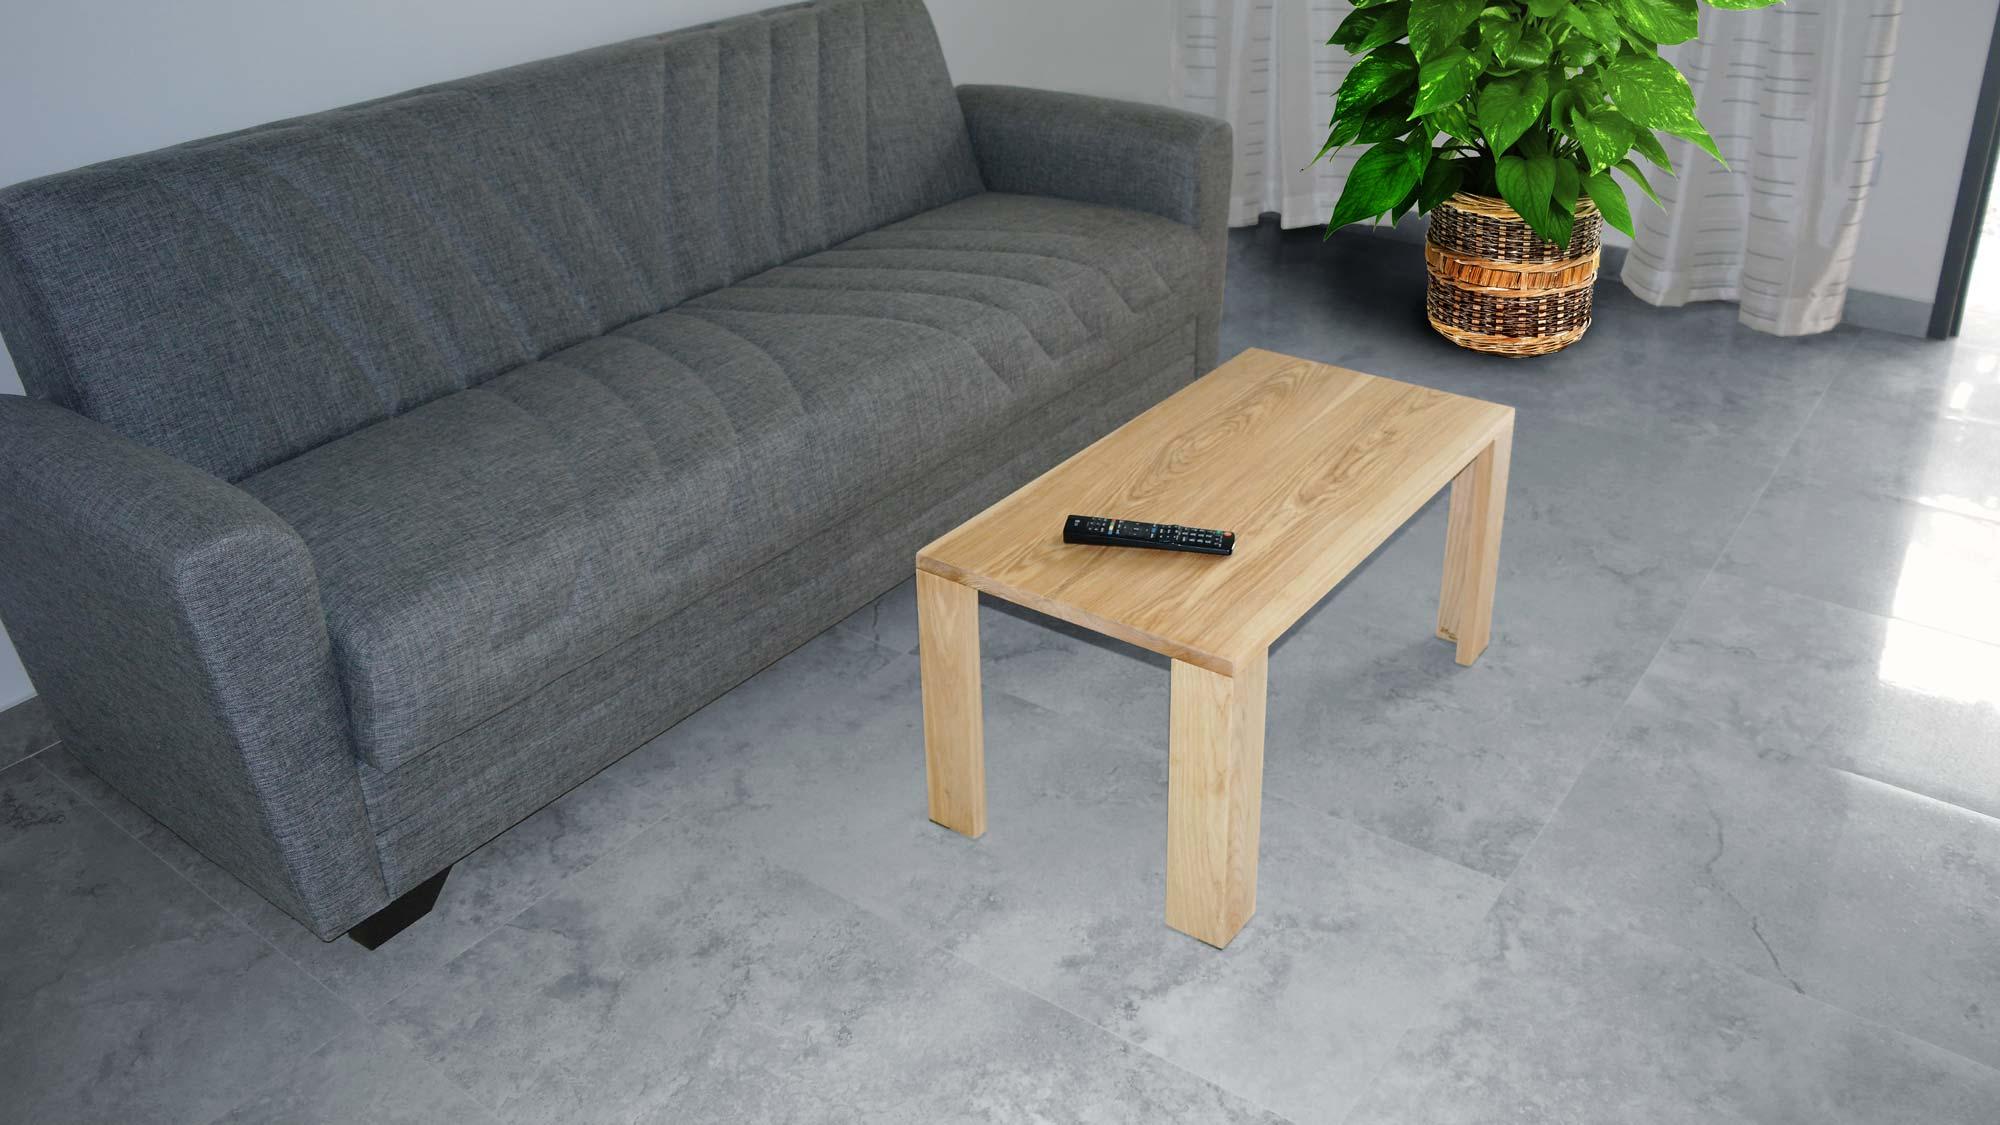 Tavolino in legno fai da te   Costruirlo con facilità